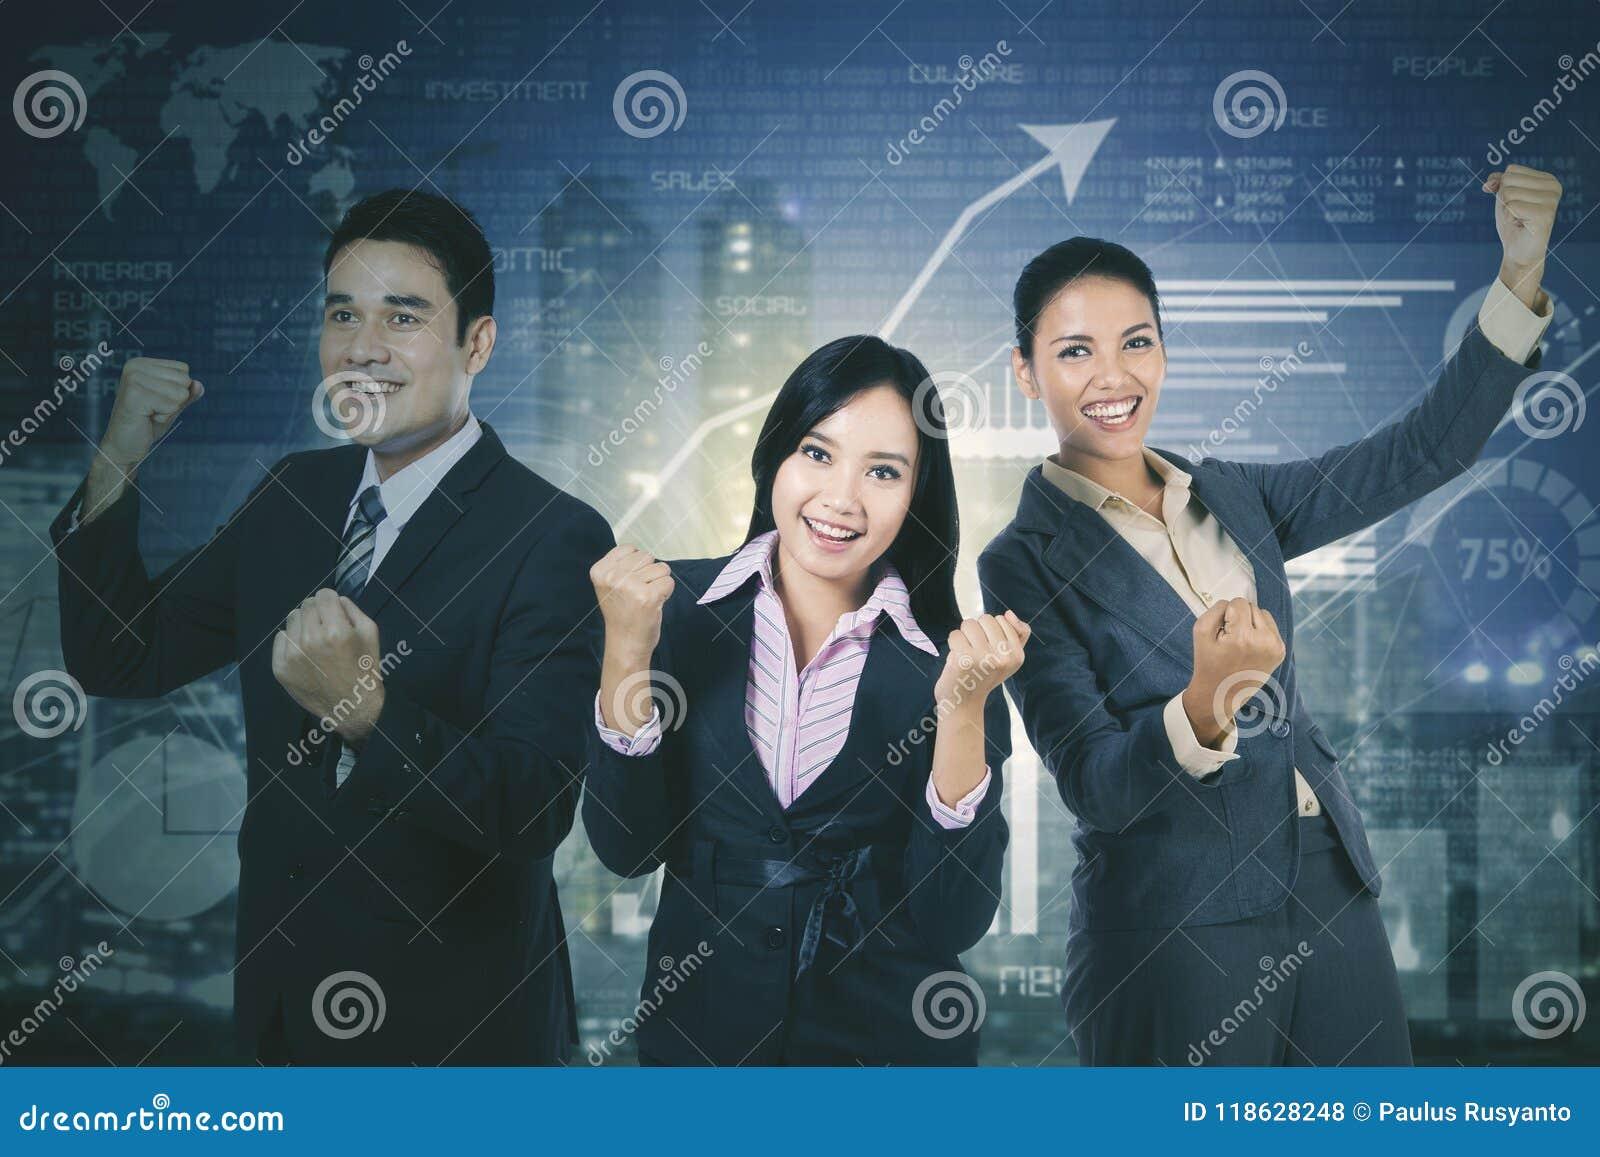 Equipe bem sucedida do negócio com gráfico da finança do crescimento